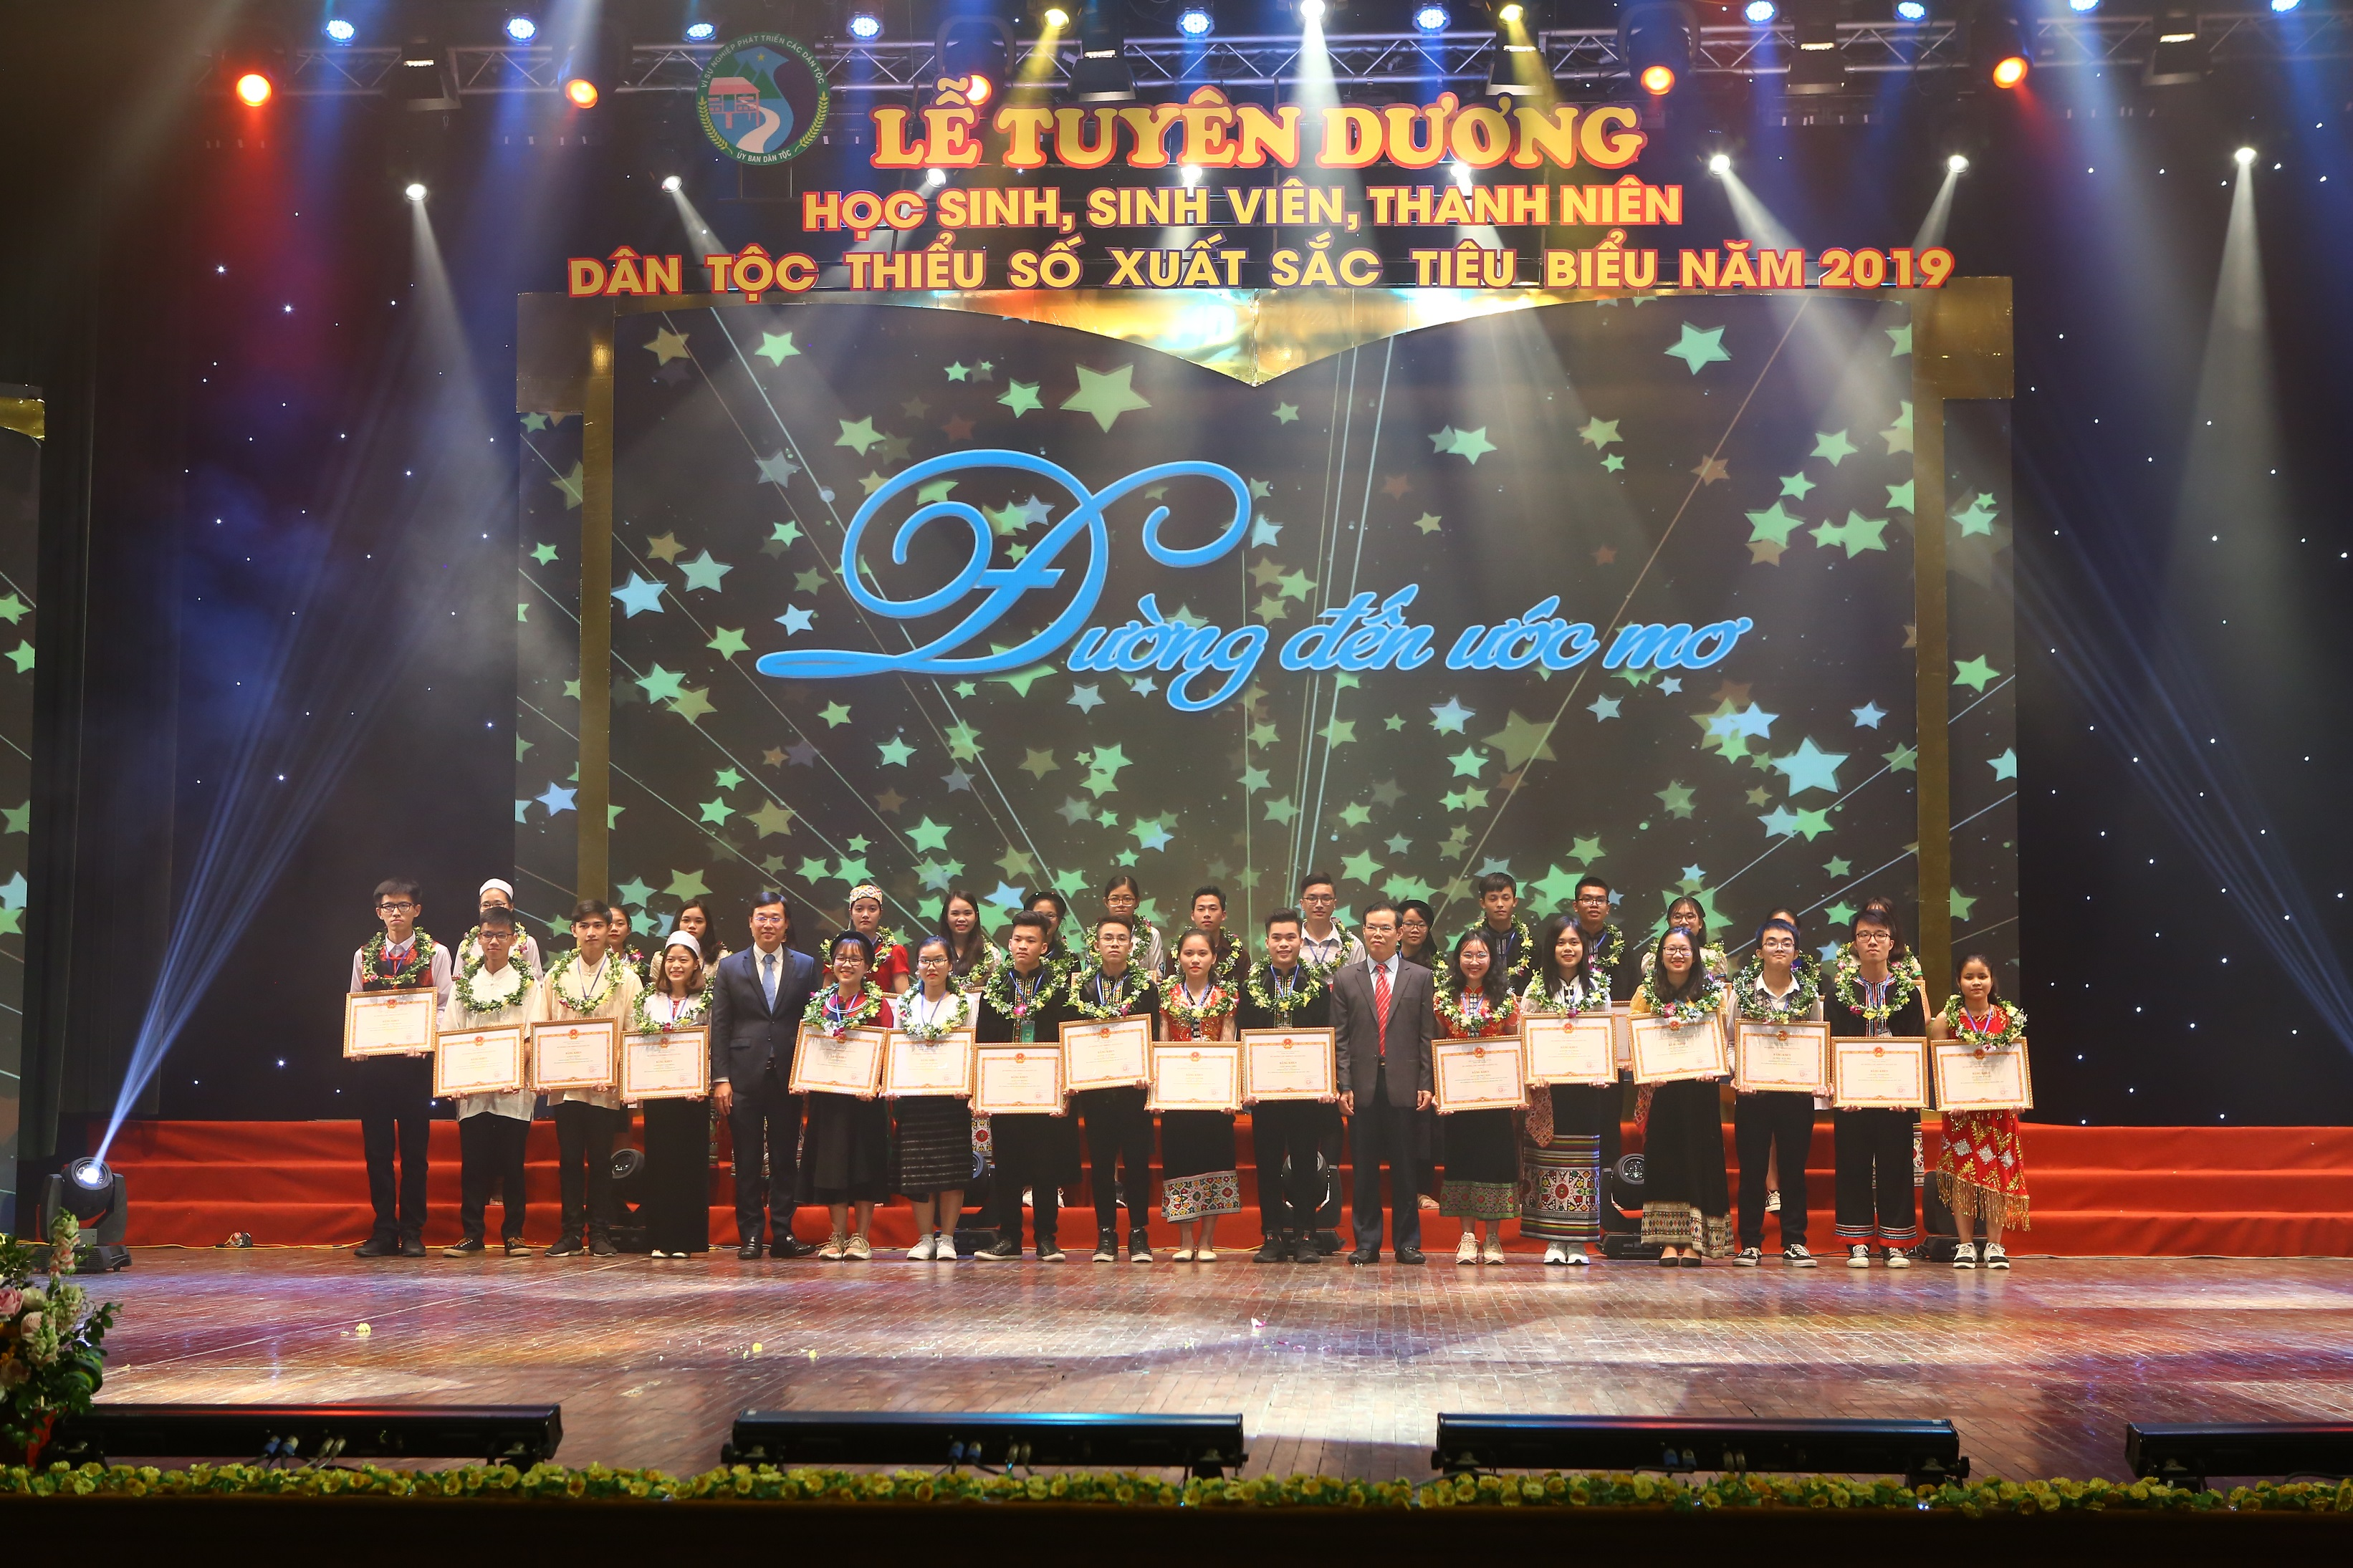 Ông Triệu Tài Vinh, Phó trưởng Ban Kinh tế Trung ương và ông Lê Quốc Phong, Bí thư thứ Nhất Trung ương Đoàn TNCSHCM trao thưởng cho các em học sinh, sinh viên DTTS đạt điểm cao trong kỳ thi THPT Quốc gia